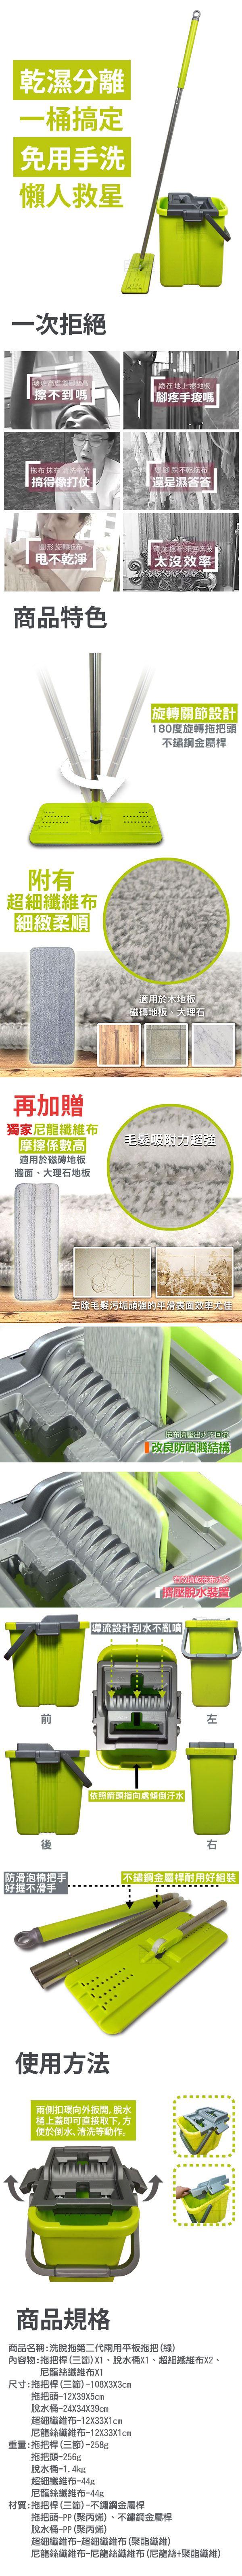 洗脫拖 第二代乾濕兩用雙槽平板拖(綠)